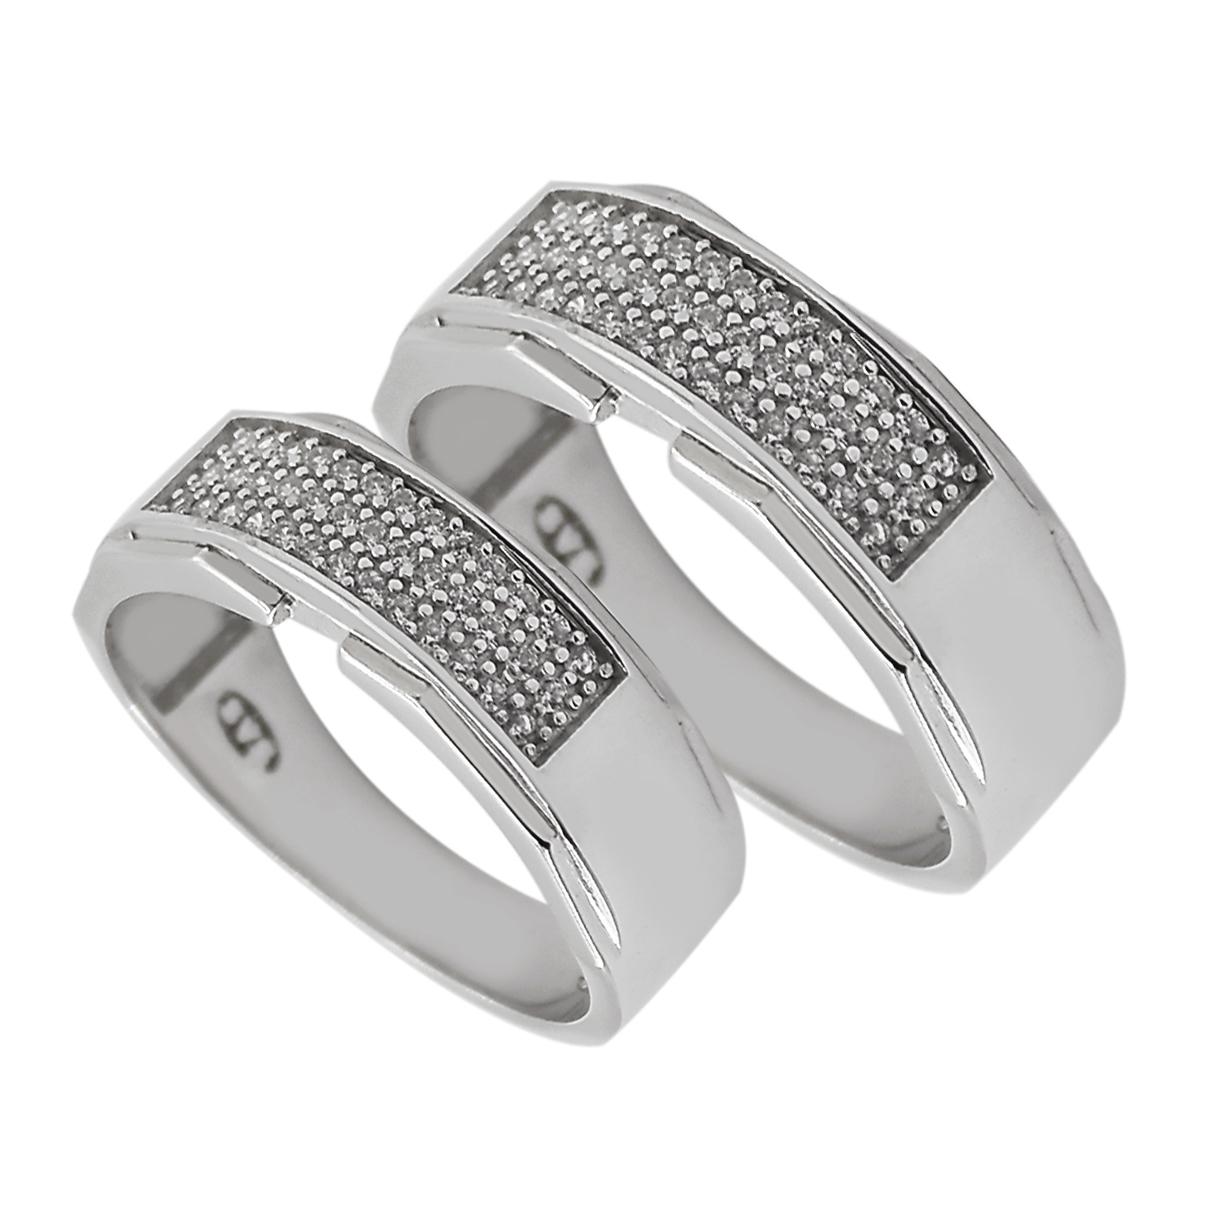 ست انگشتر نقره زنانه و مردانه مدل sl.006